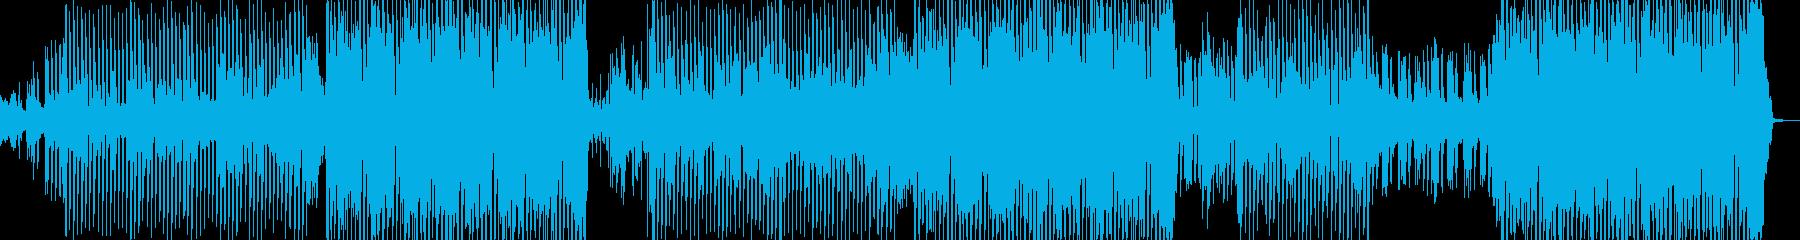 エレクトロダンスポップ、男性ボーカ...の再生済みの波形